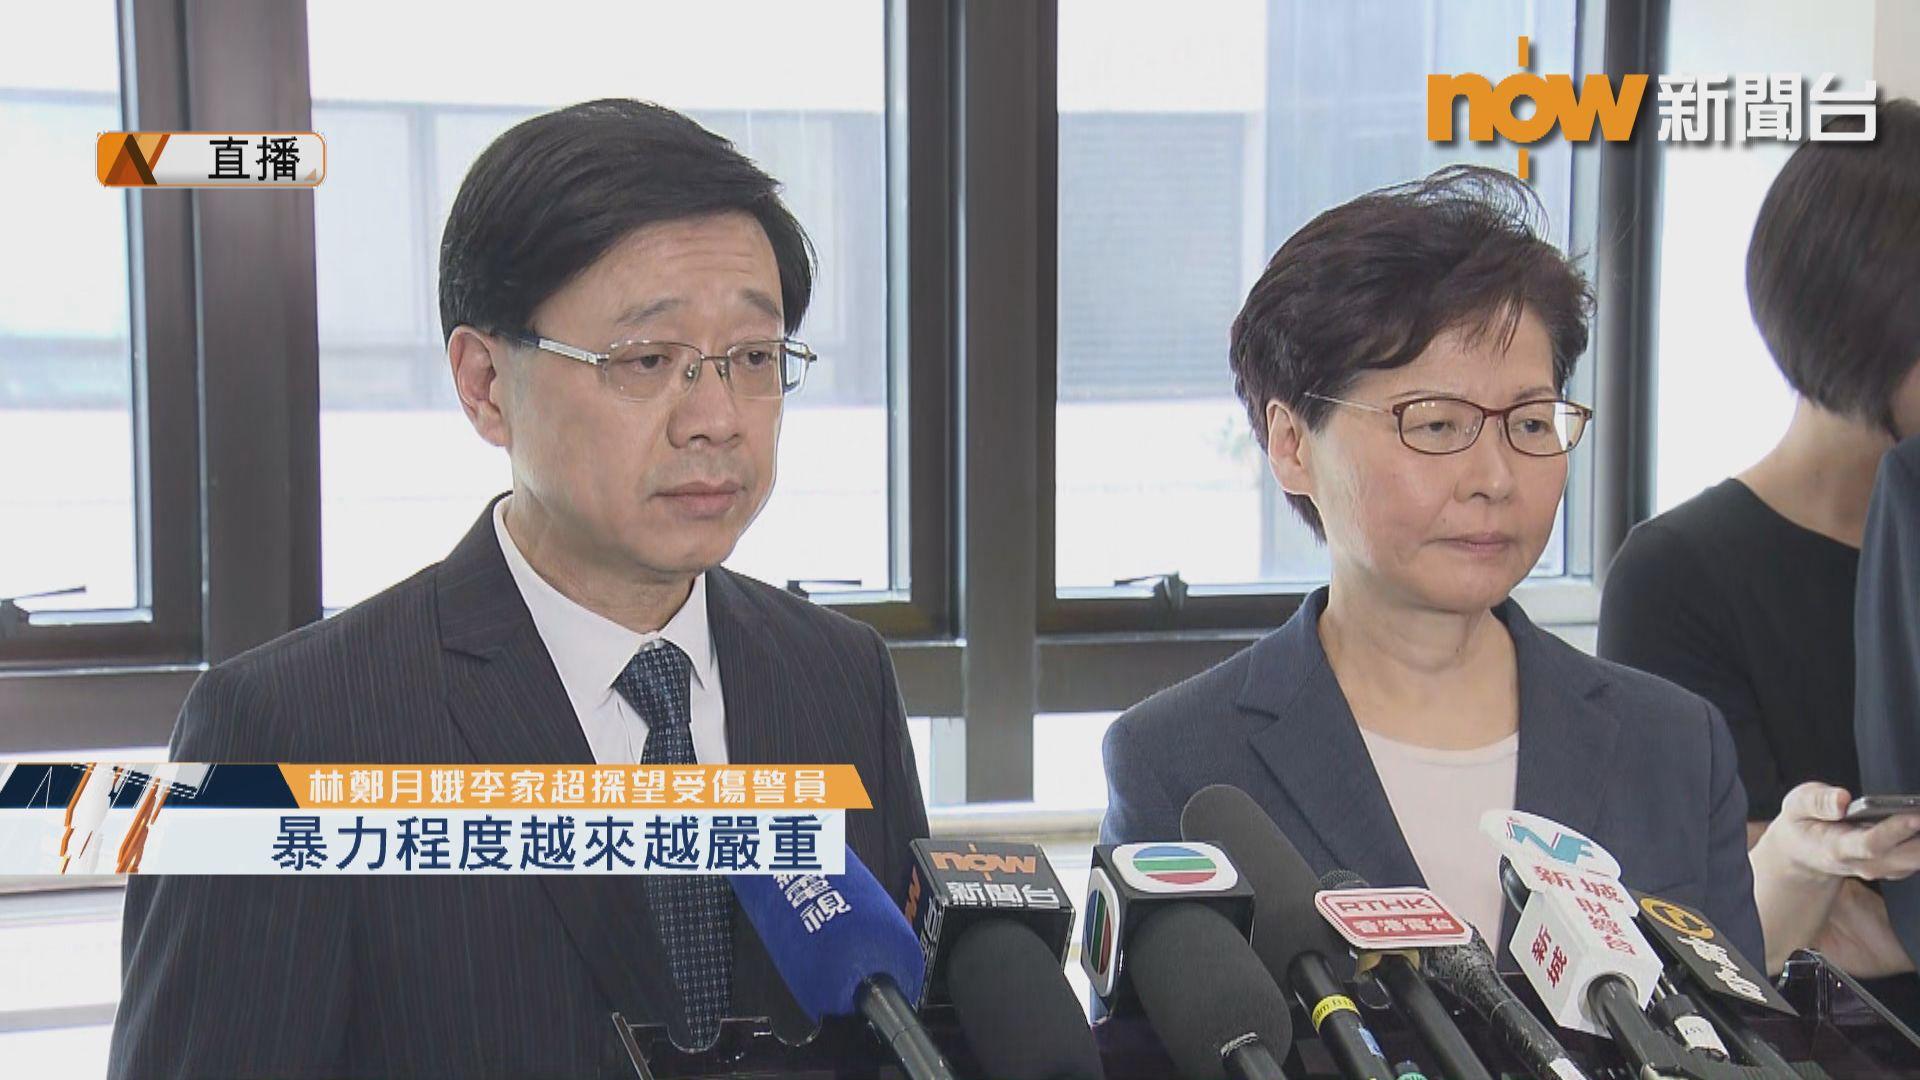 【最新】林鄭:警方執法有專業操守 有需要可向監警會投訴